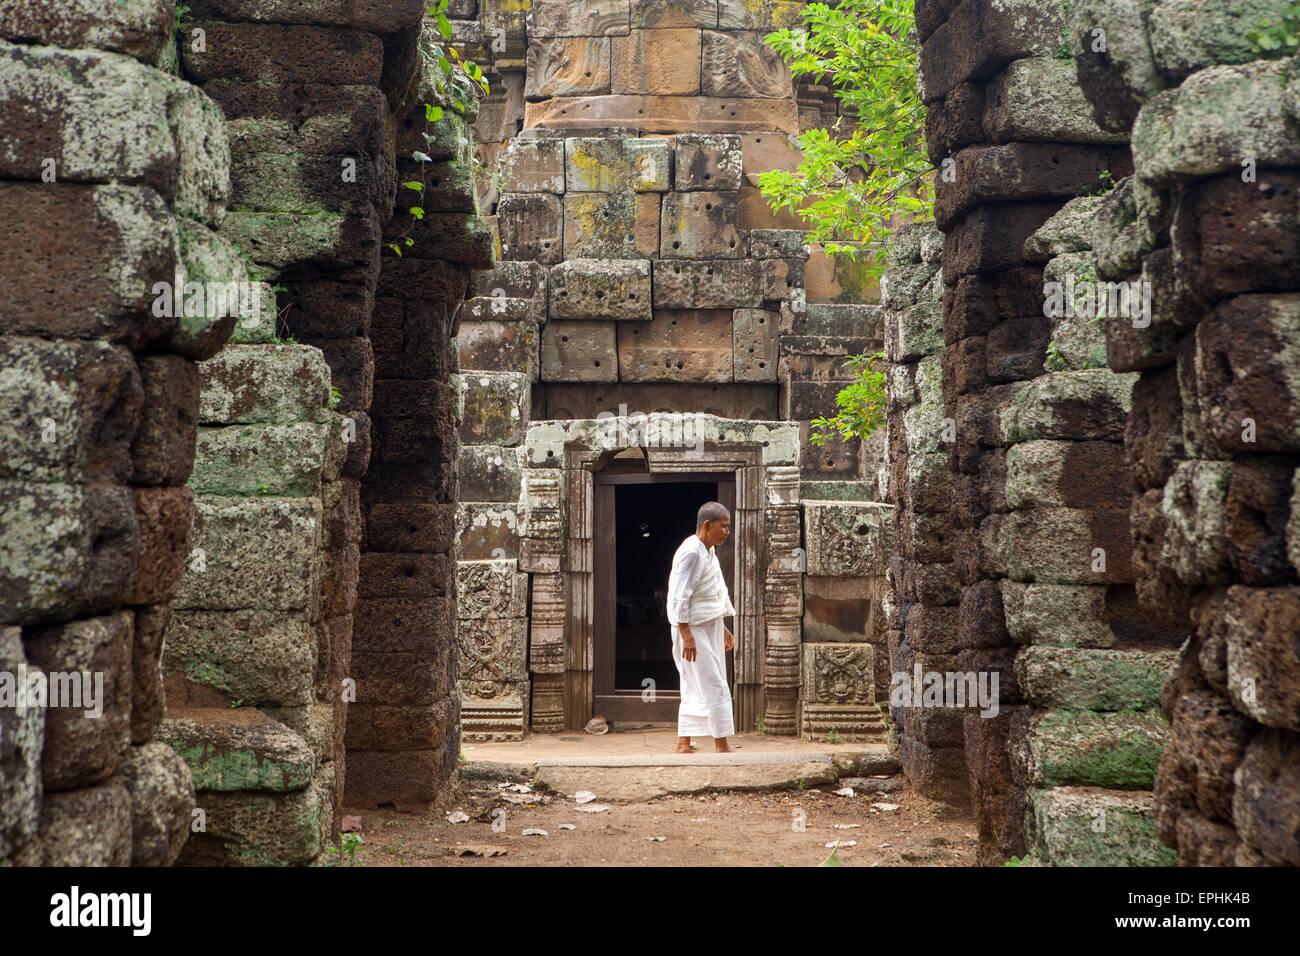 Moine femelle passe entre les portes et les murs de Banteay Prei Nokor à Kompong Cham, au Cambodge. Photo Stock